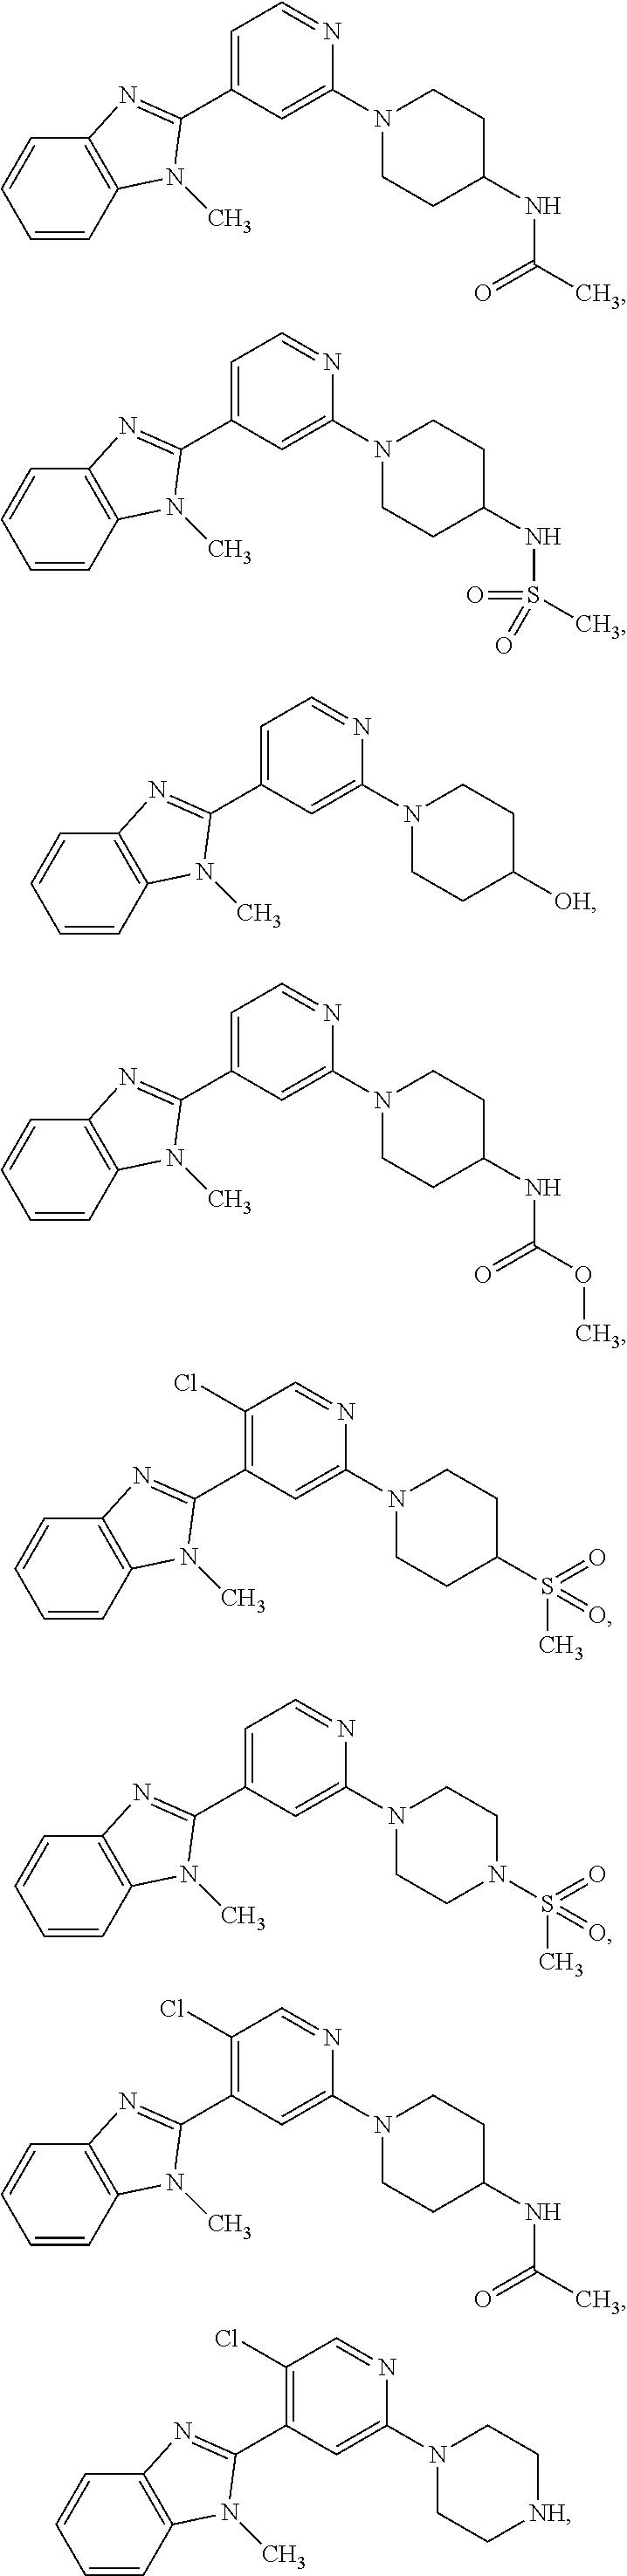 Figure US20120157471A1-20120621-C00006